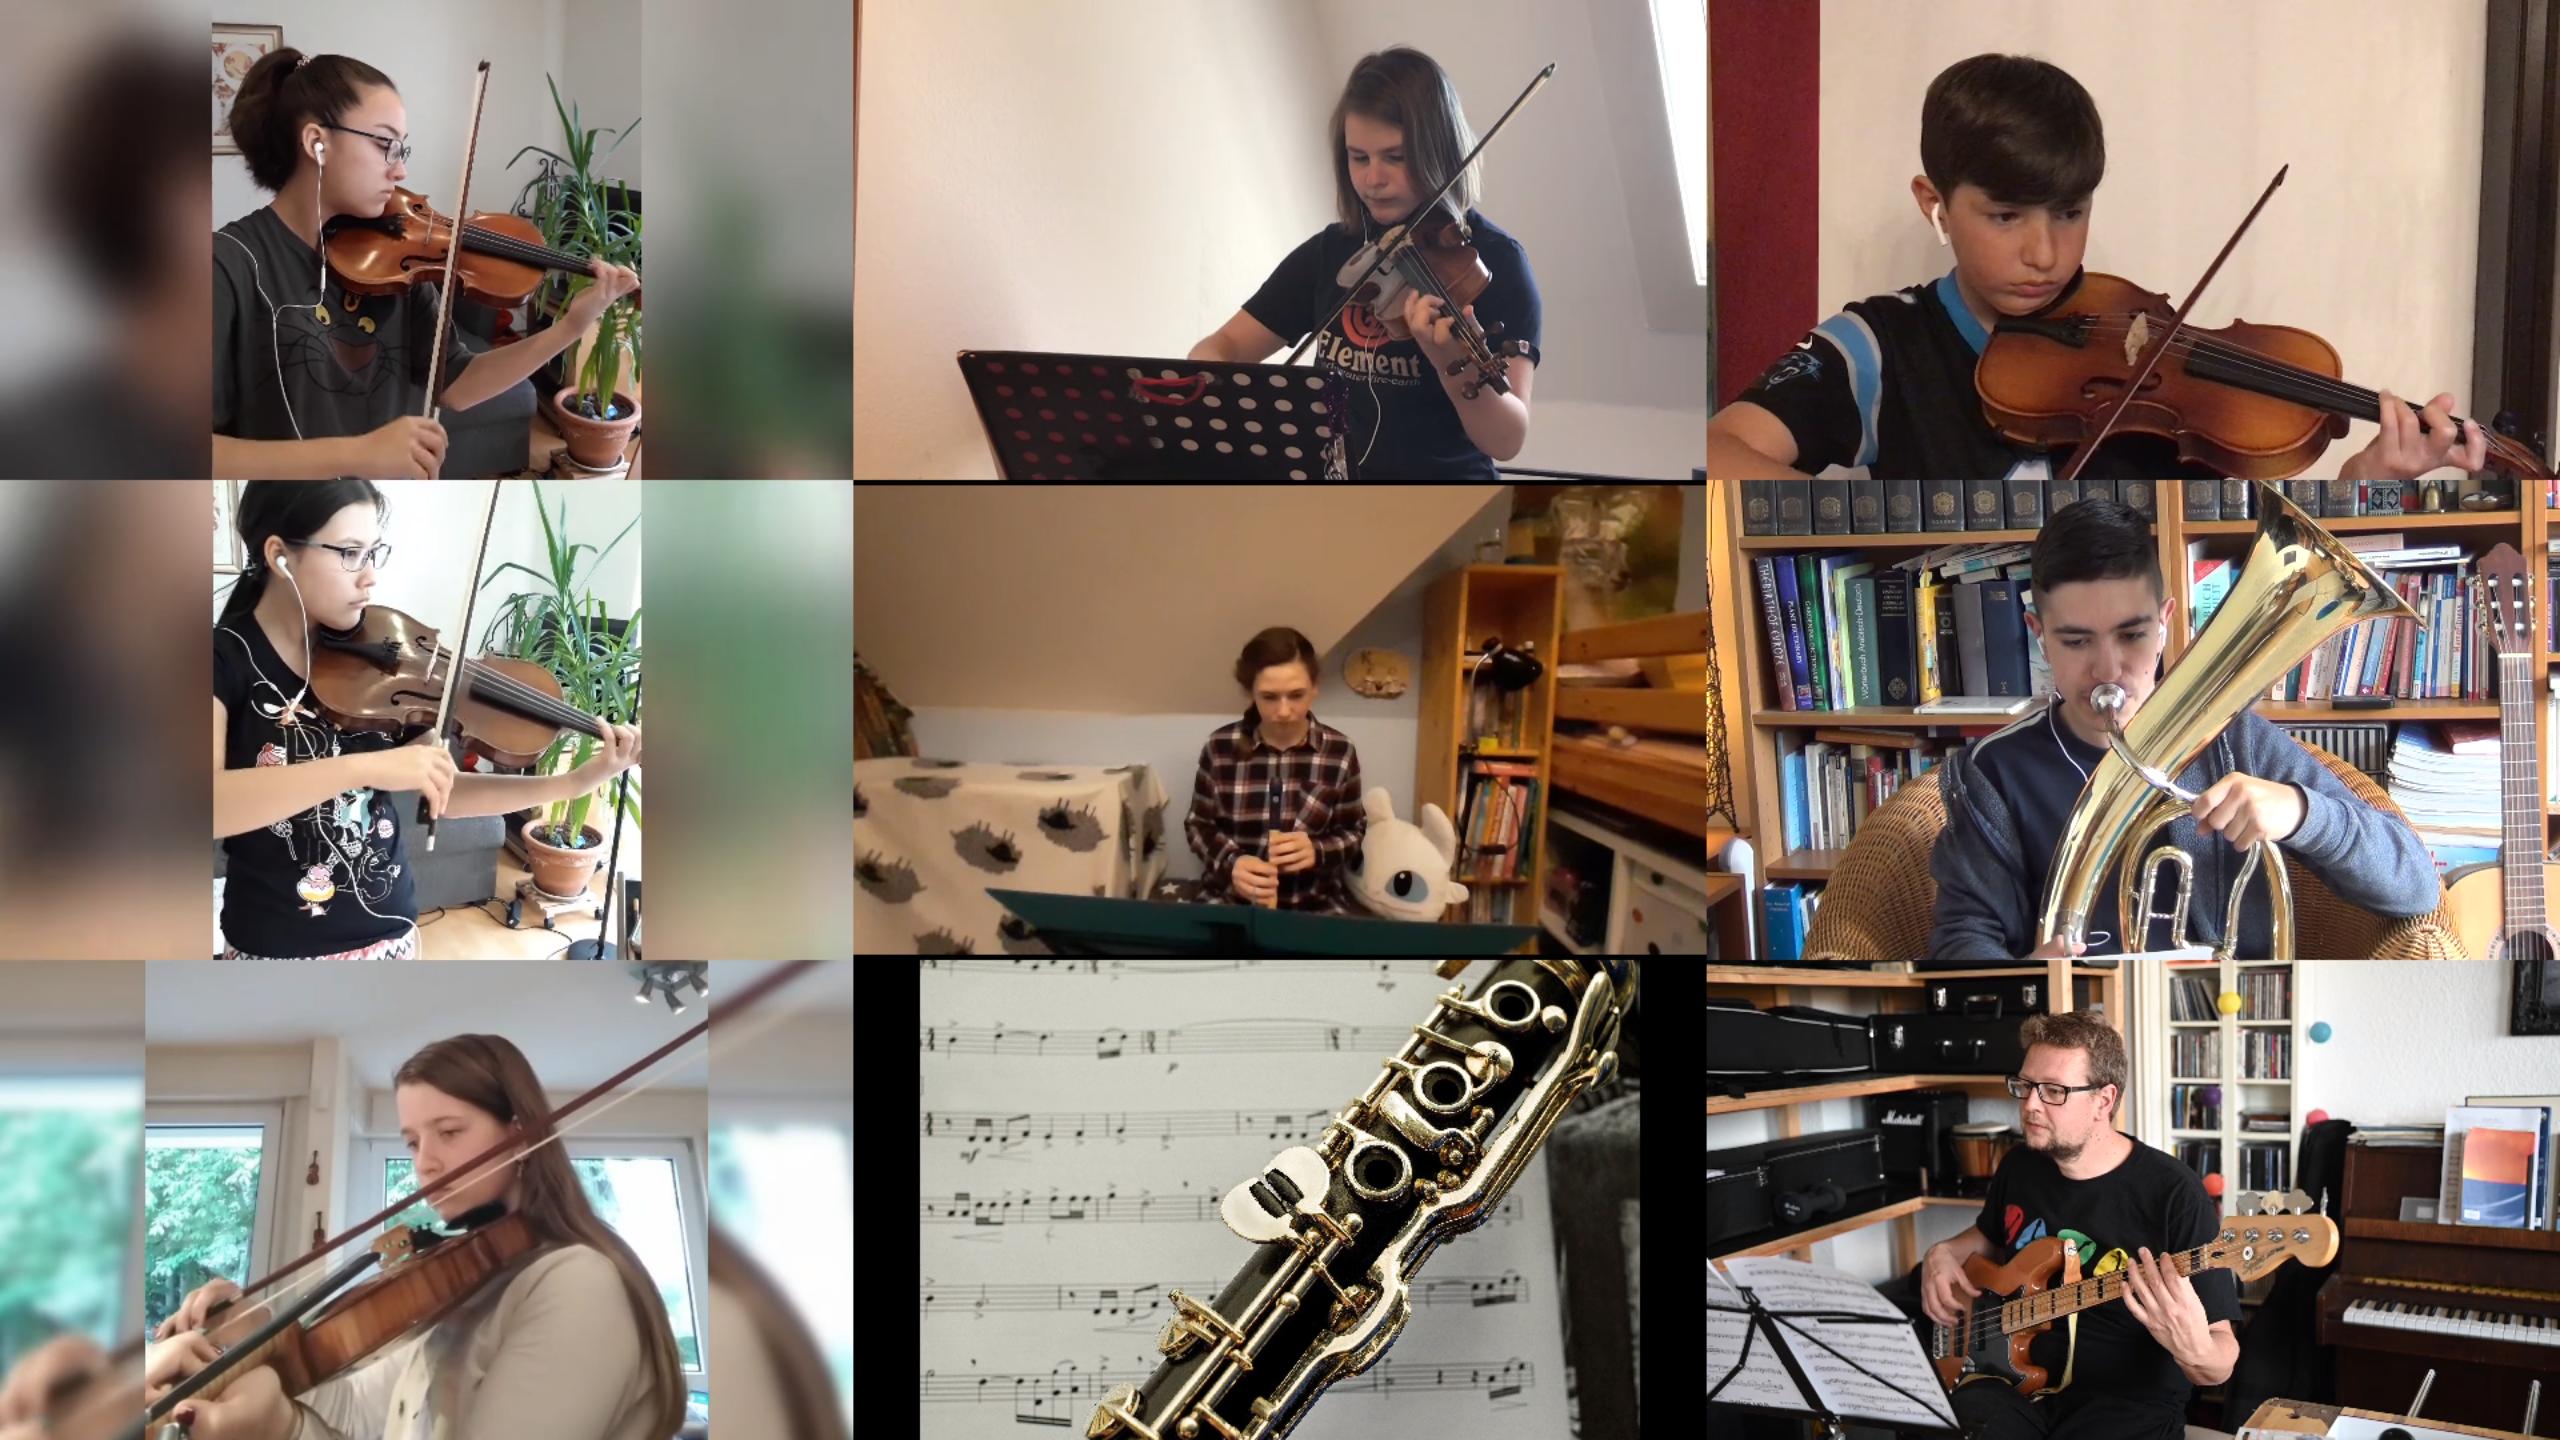 wwwinterkonzert (Graf-Engelbert-Schule Bochum): Orchester-Videogrid (Screenshot)